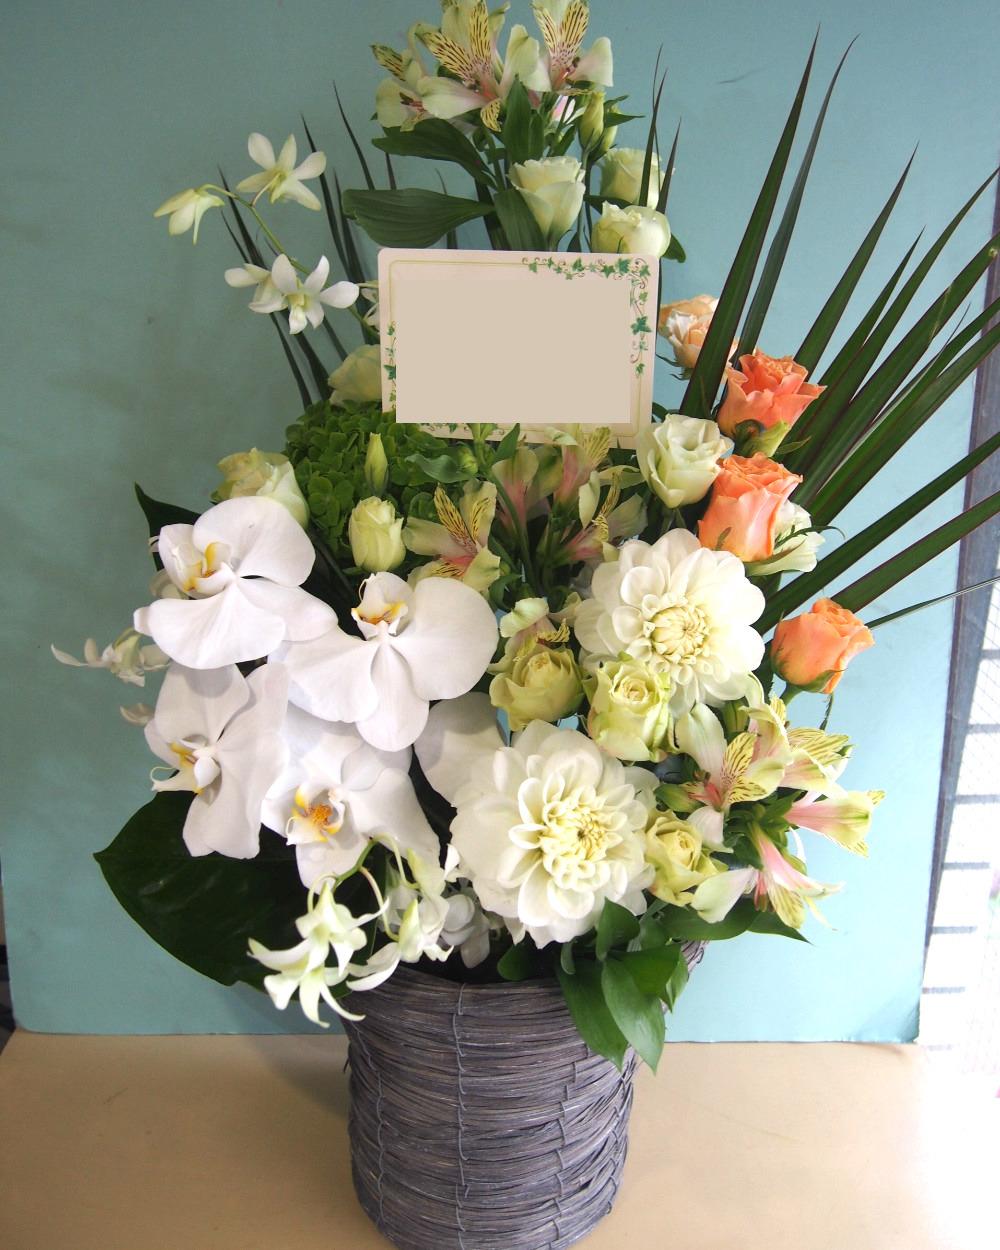 胡蝶蘭を使ったご開業祝いの上品な祝い花